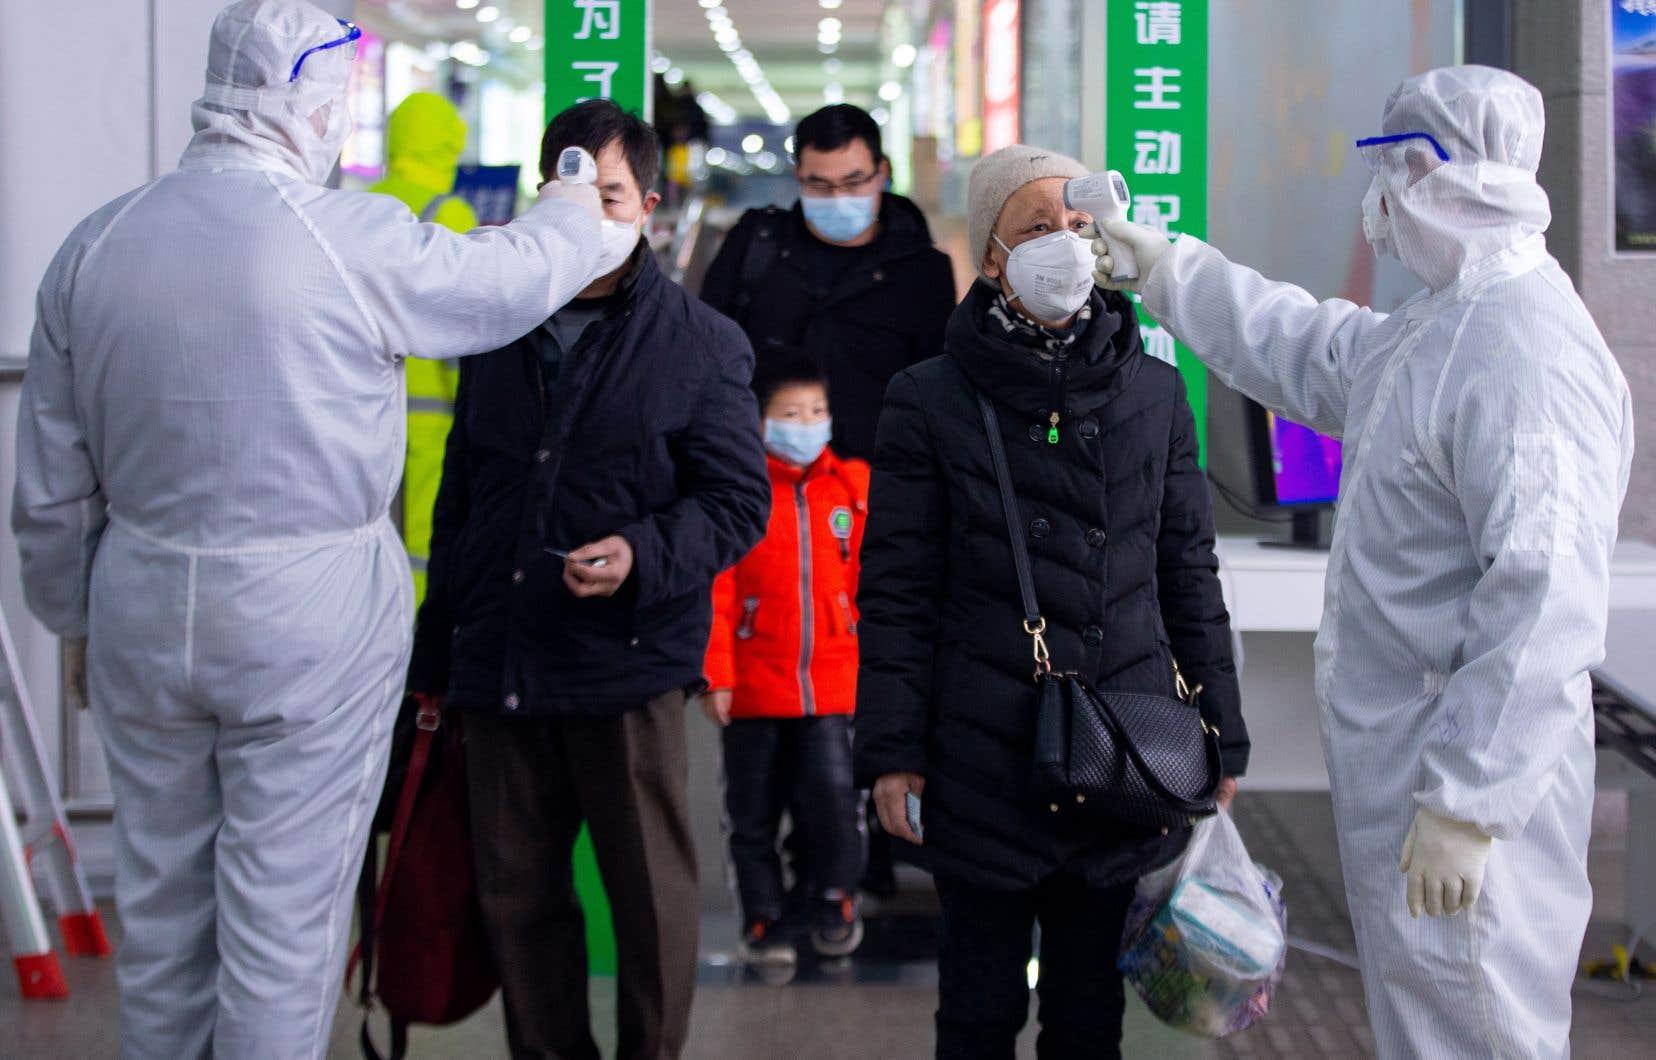 L'inquiétude face au virus touche aussi la Russie, où aucun ressortissant chinois ne peut entrer à partir de jeudi, point d'orgue des mesures sanitaires prises contre l'épidémie.Sur la photo, des passagers à la gare de Nanjing, dans la province chinoise de Jiangsu.